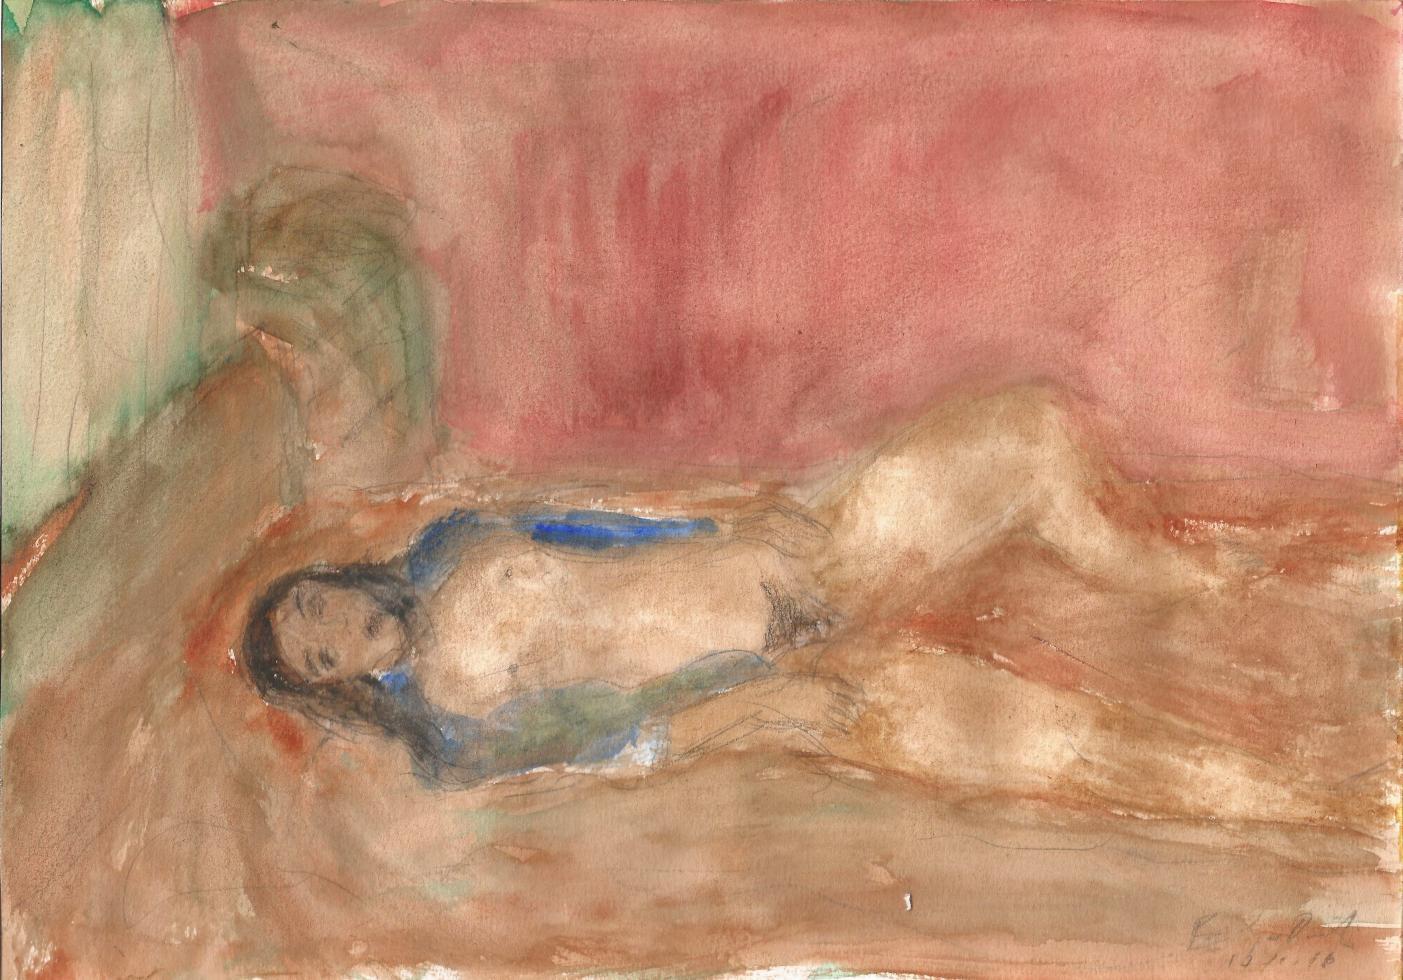 Joven en la cama (2016) - Iván Fernández-Dávila